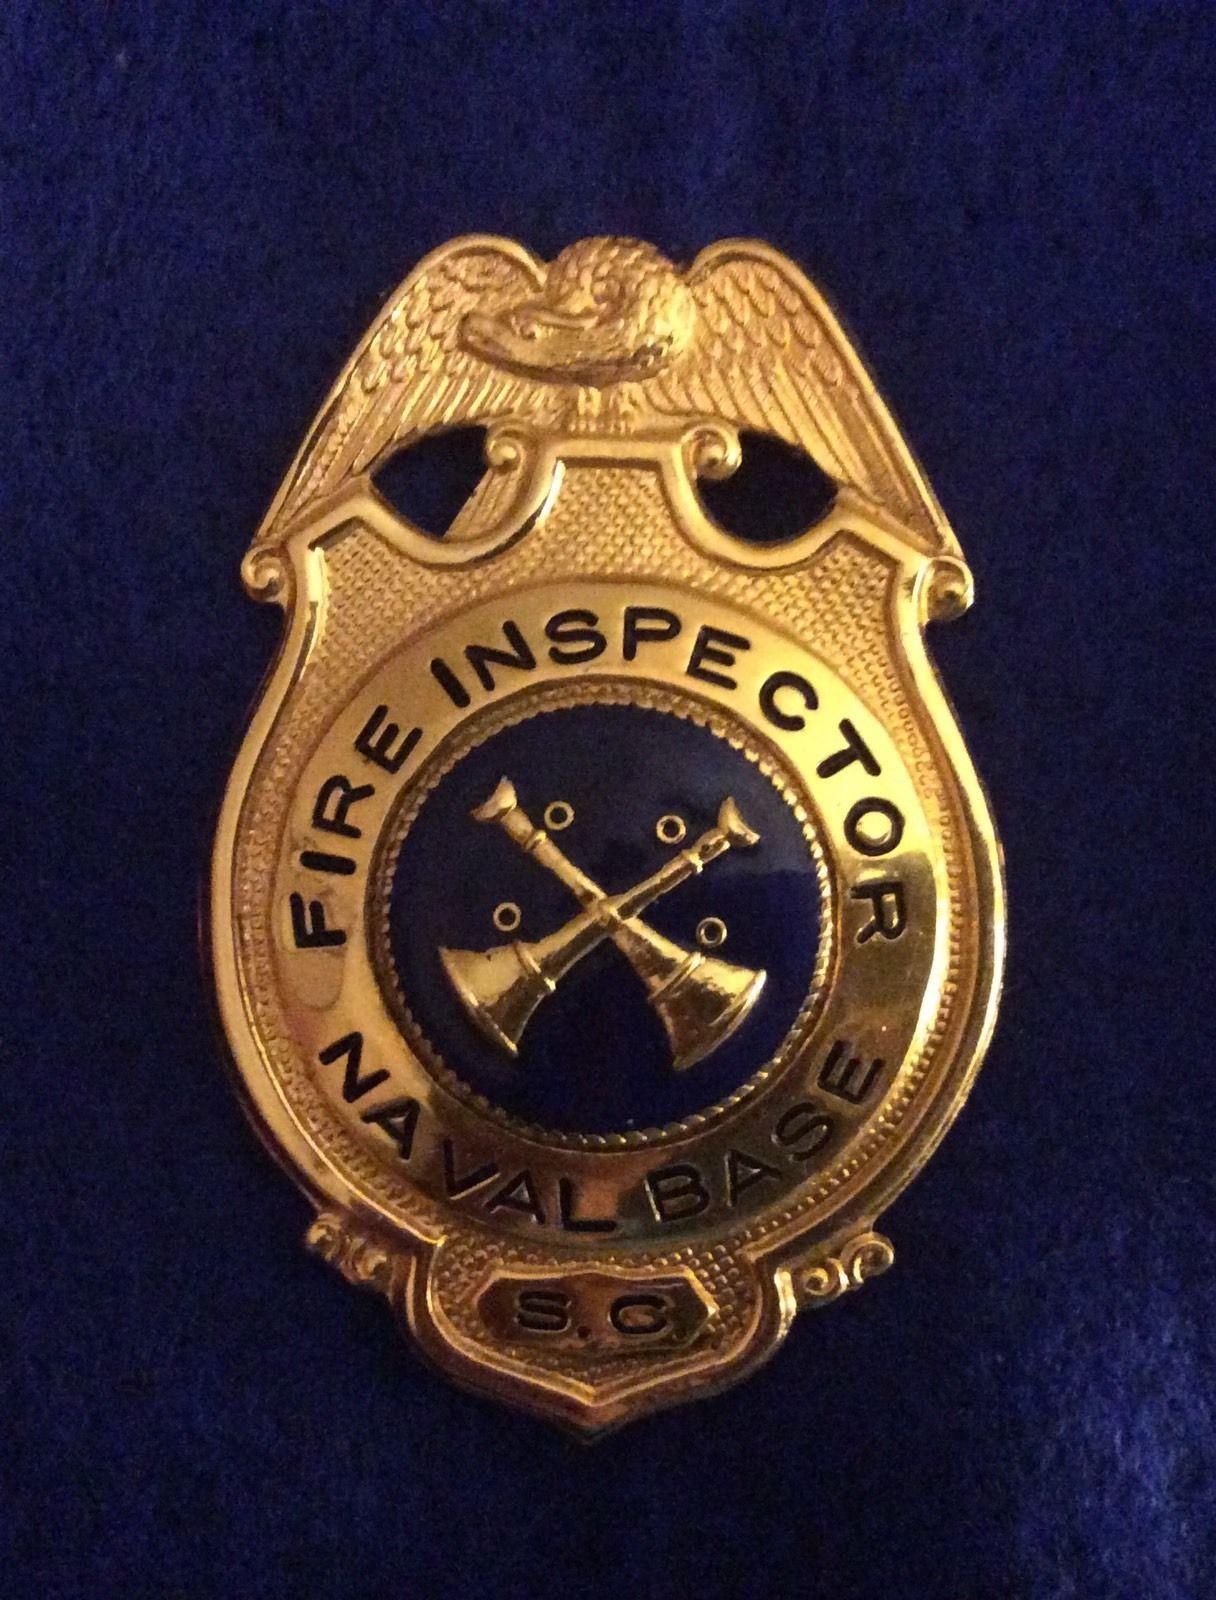 Police cap badges ga rel hat badges page 1 garel - Explore Police Badges Law Enforcement And More Charleston S C Navy Base Fire Inspector Police Badgeslaw Enforcement